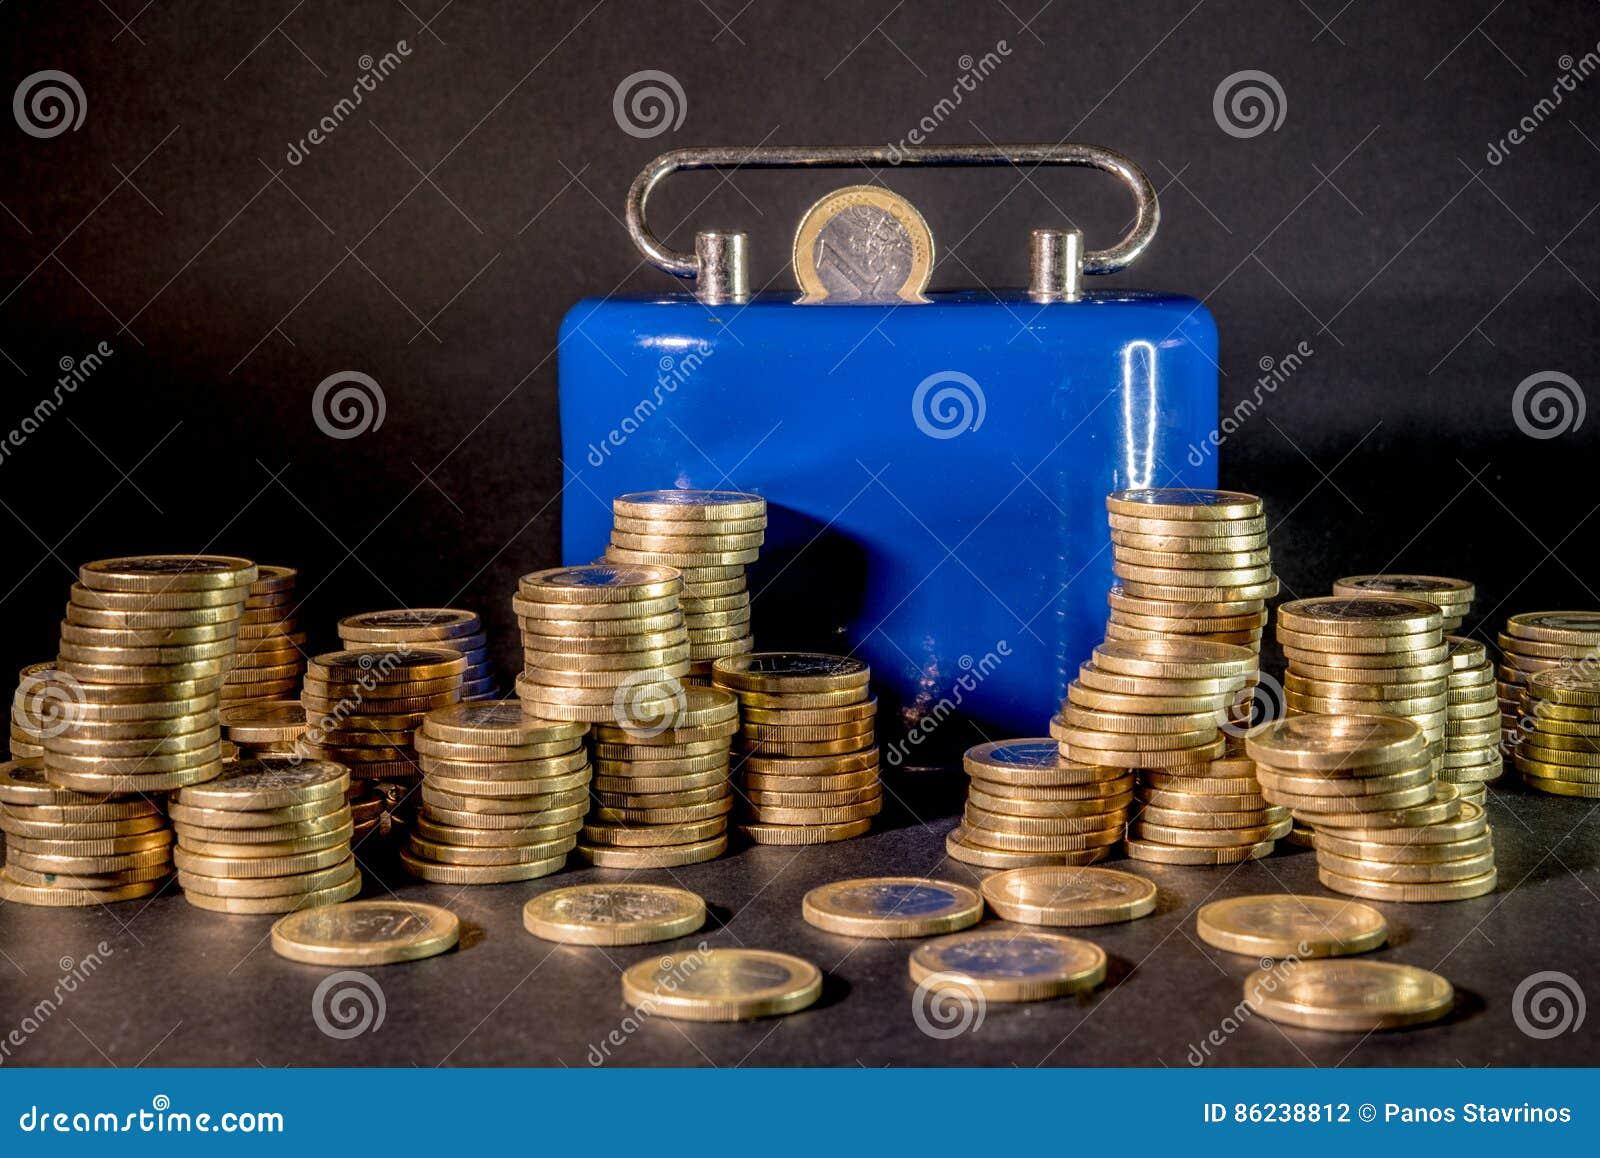 一欧元硬币